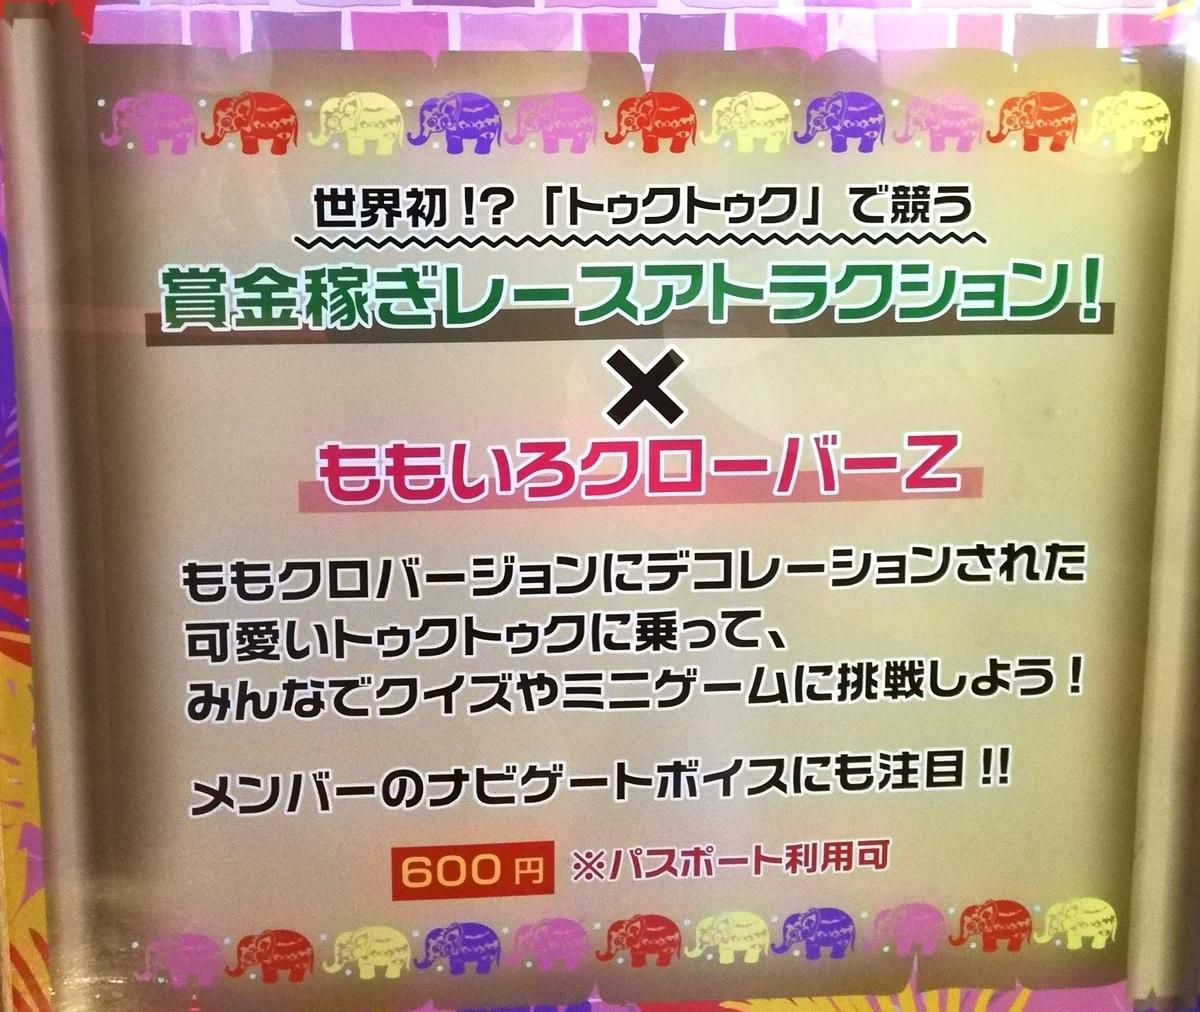 f:id:Tokyo-amuse:20190629011732j:plain